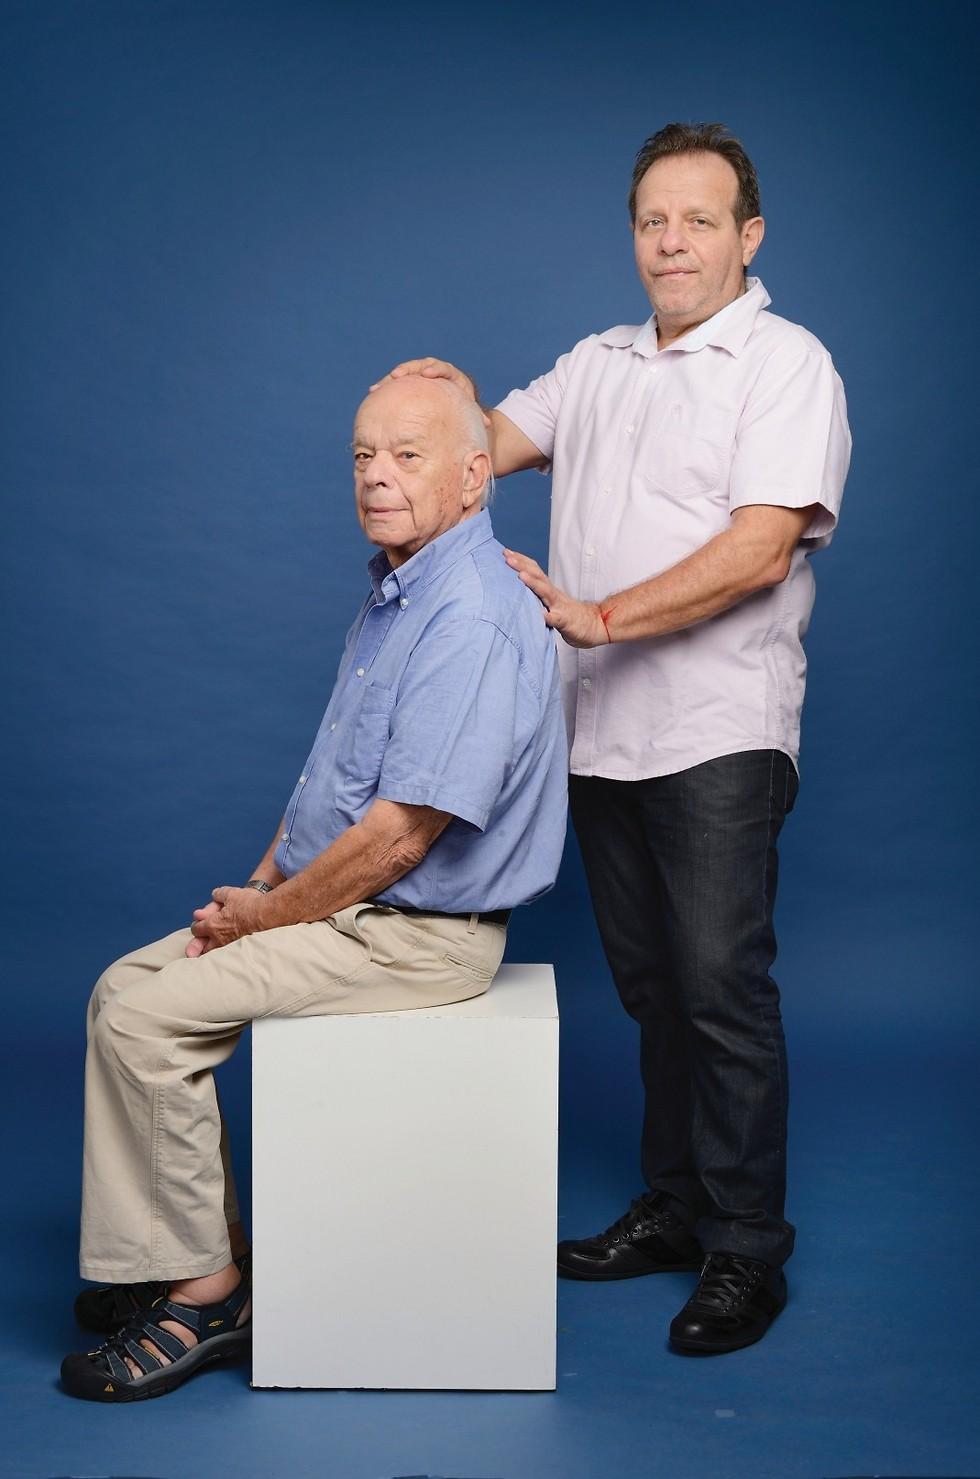 """פעם בחודש אני מגיע לטיפול תחזוקה במרפאה. ד""""ר רפאל פרטר ואלי תבור (צילום: יונתן בלום)"""